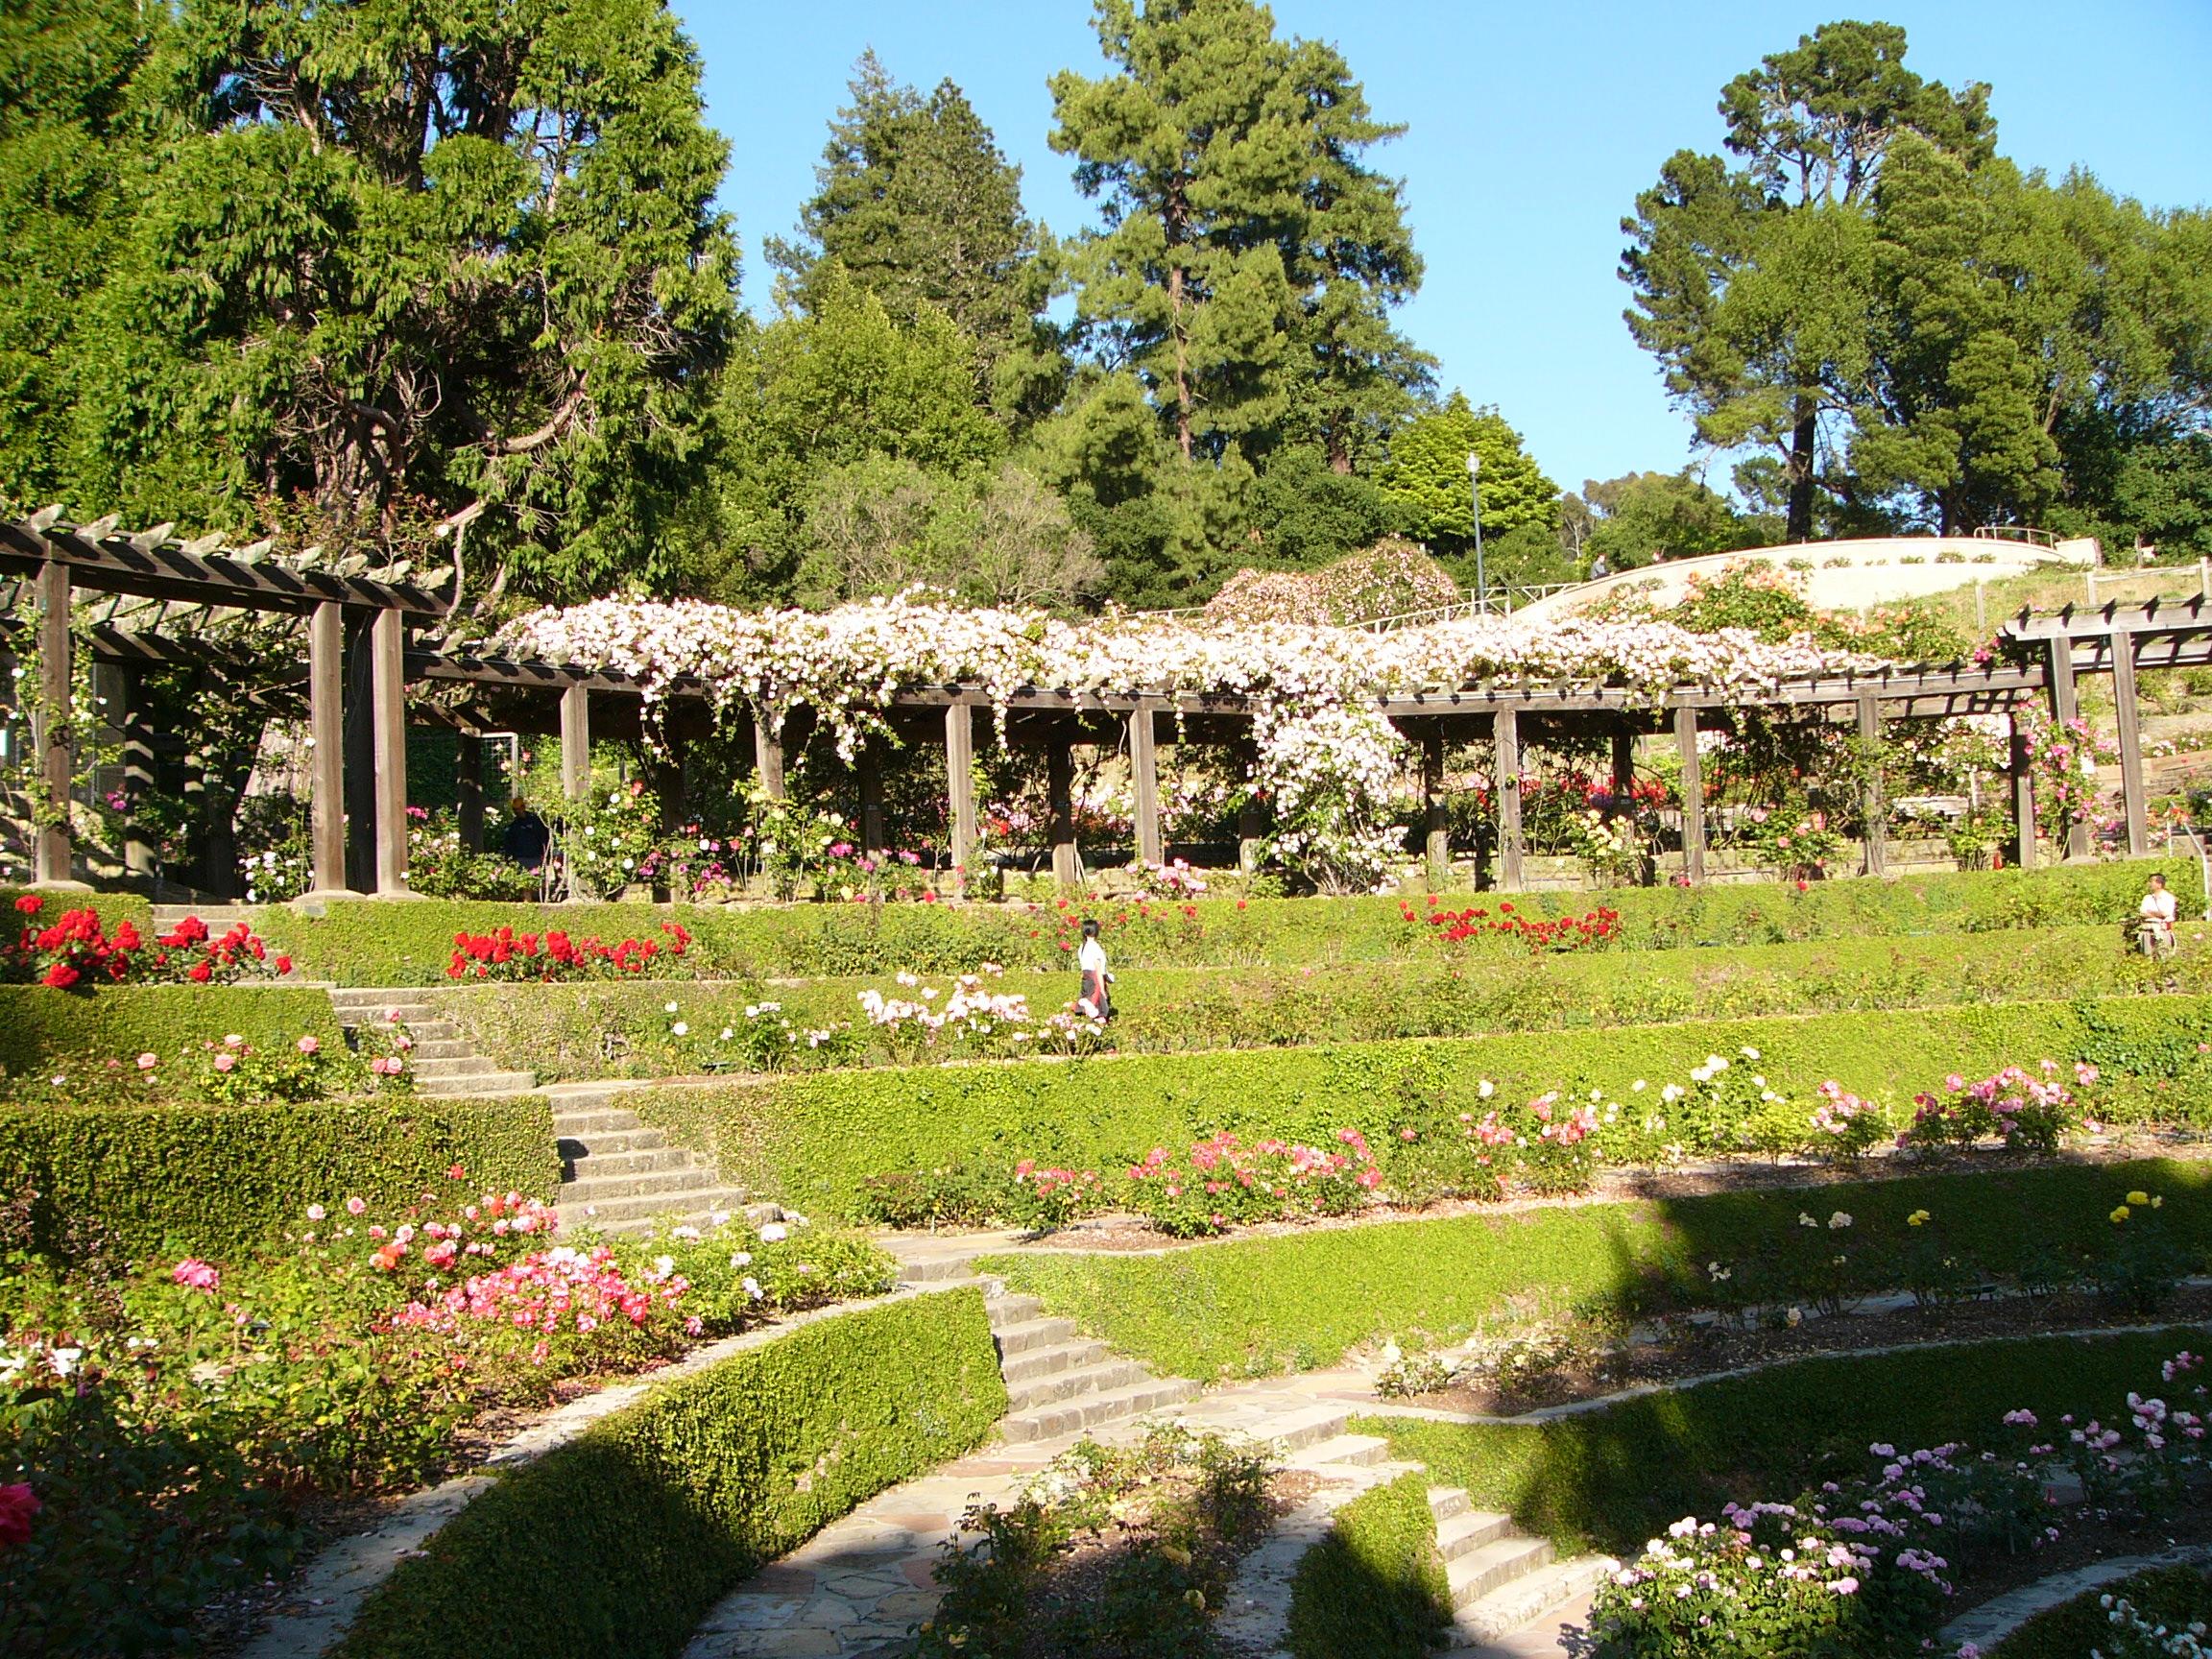 Description berkeley rose garden